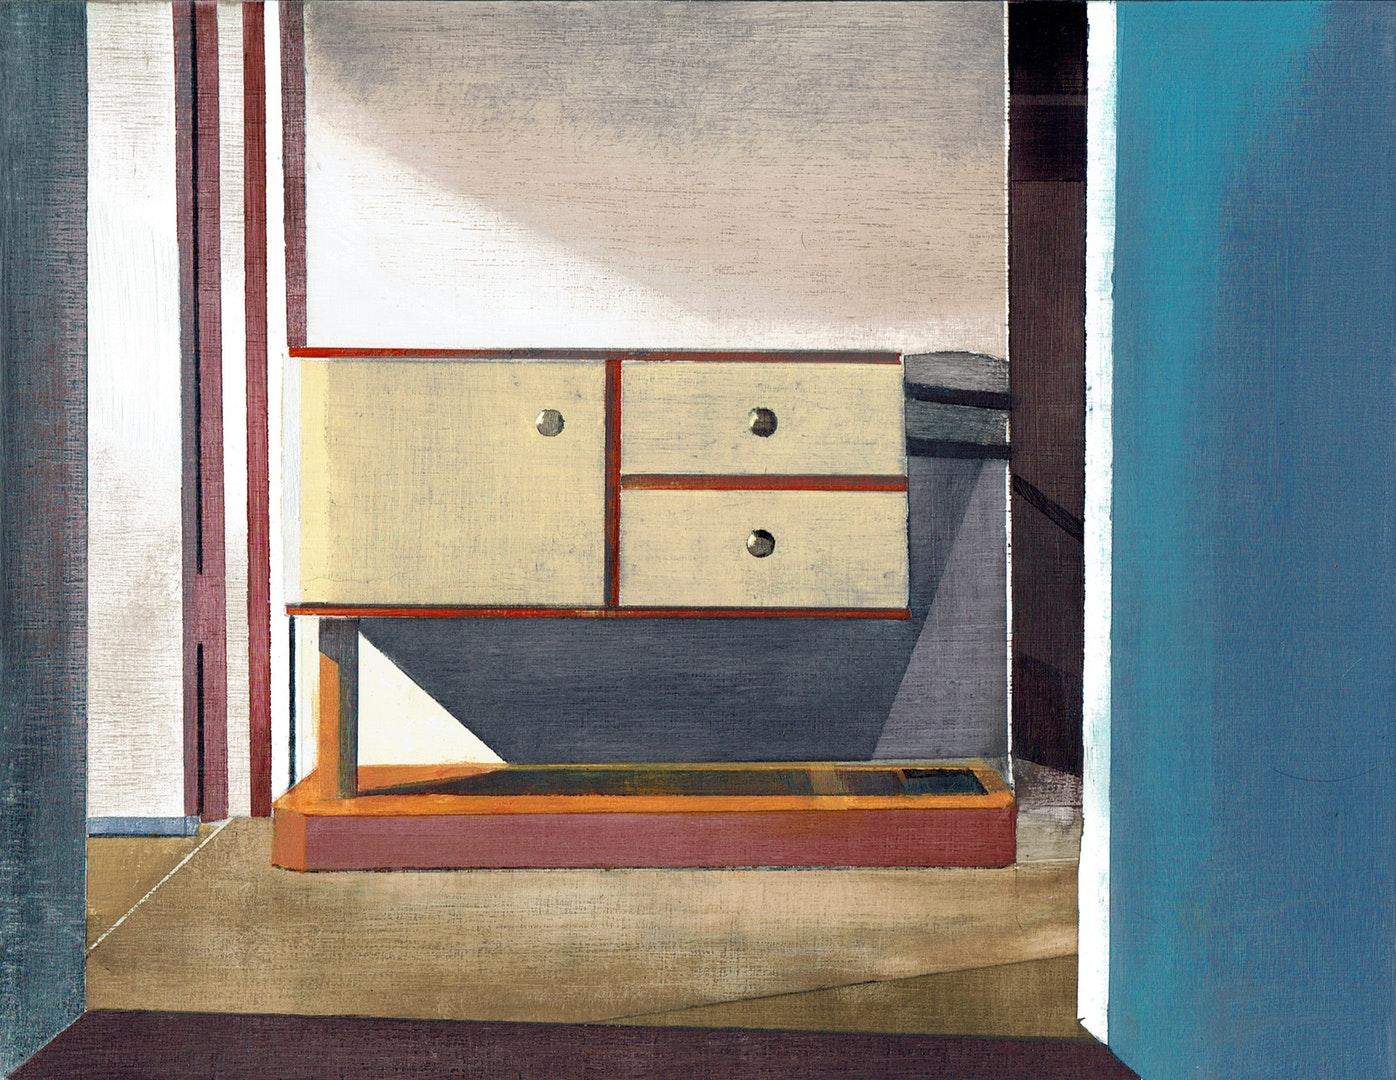 Richard Baker  Hall Stand  Oil on panel, 21 x 27 cm  https://richardbakerpainting.com/